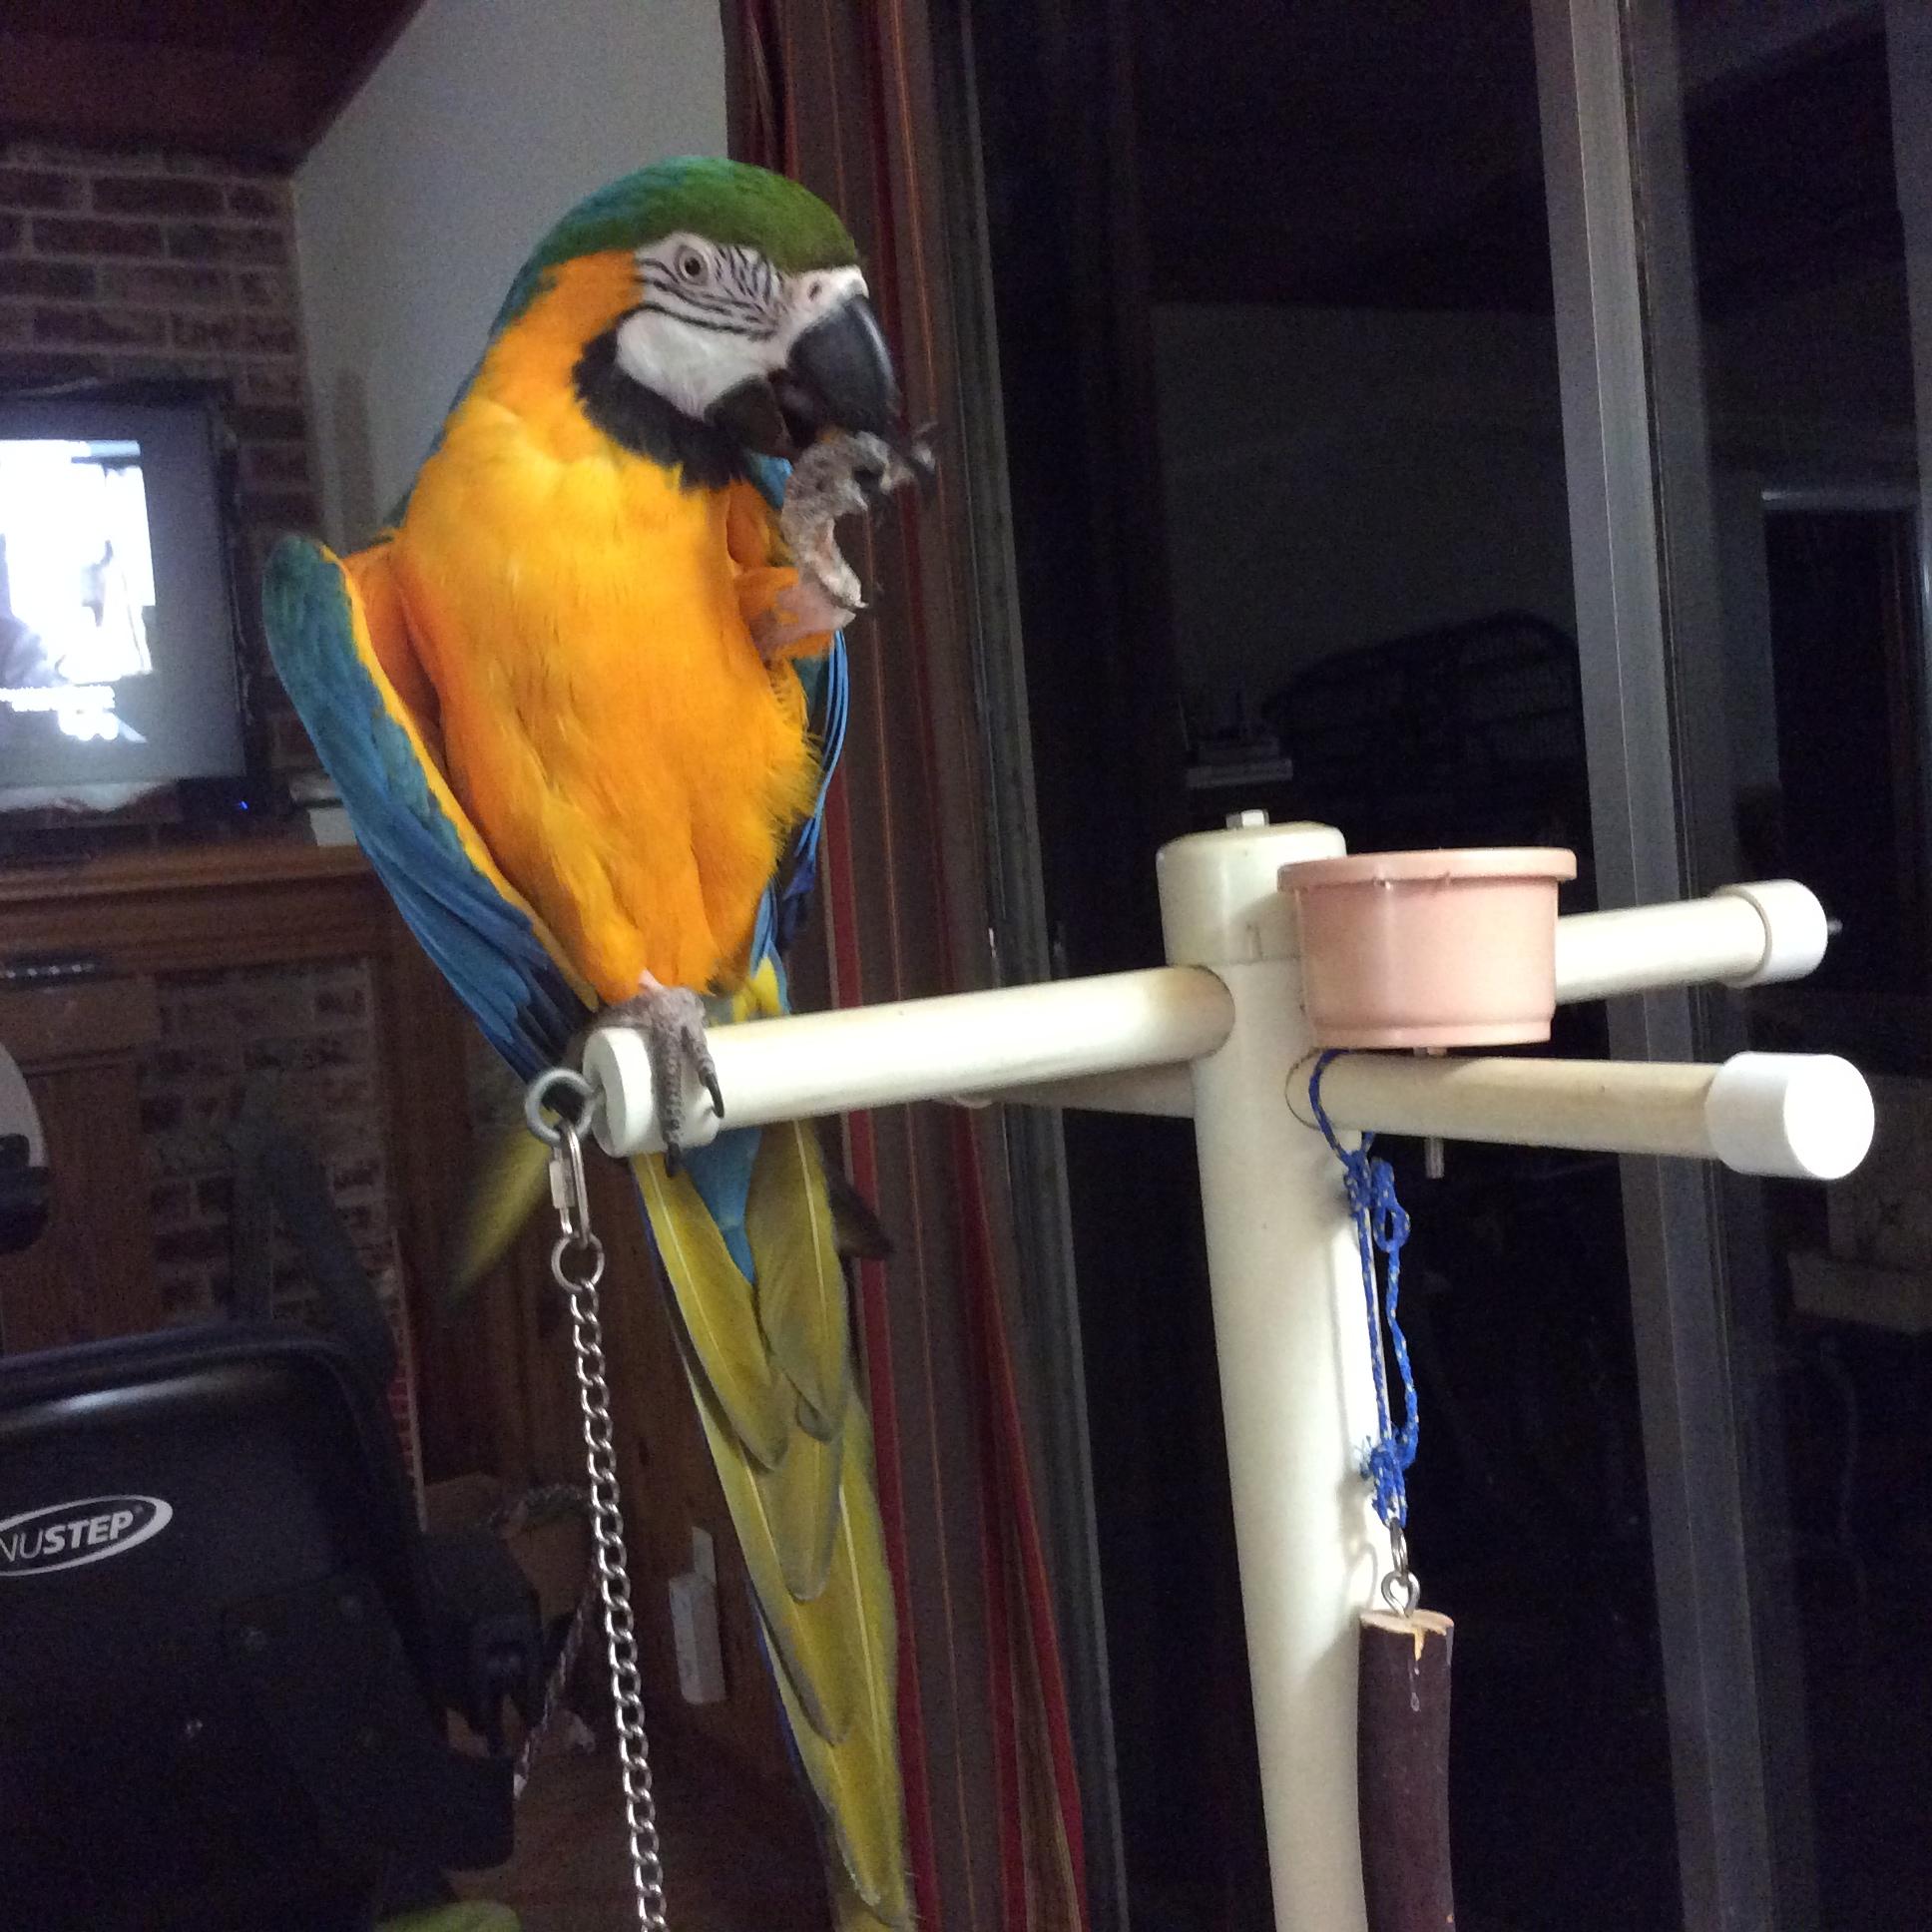 Pet Bird Adoption Fair and Basic Bird Care Class presented